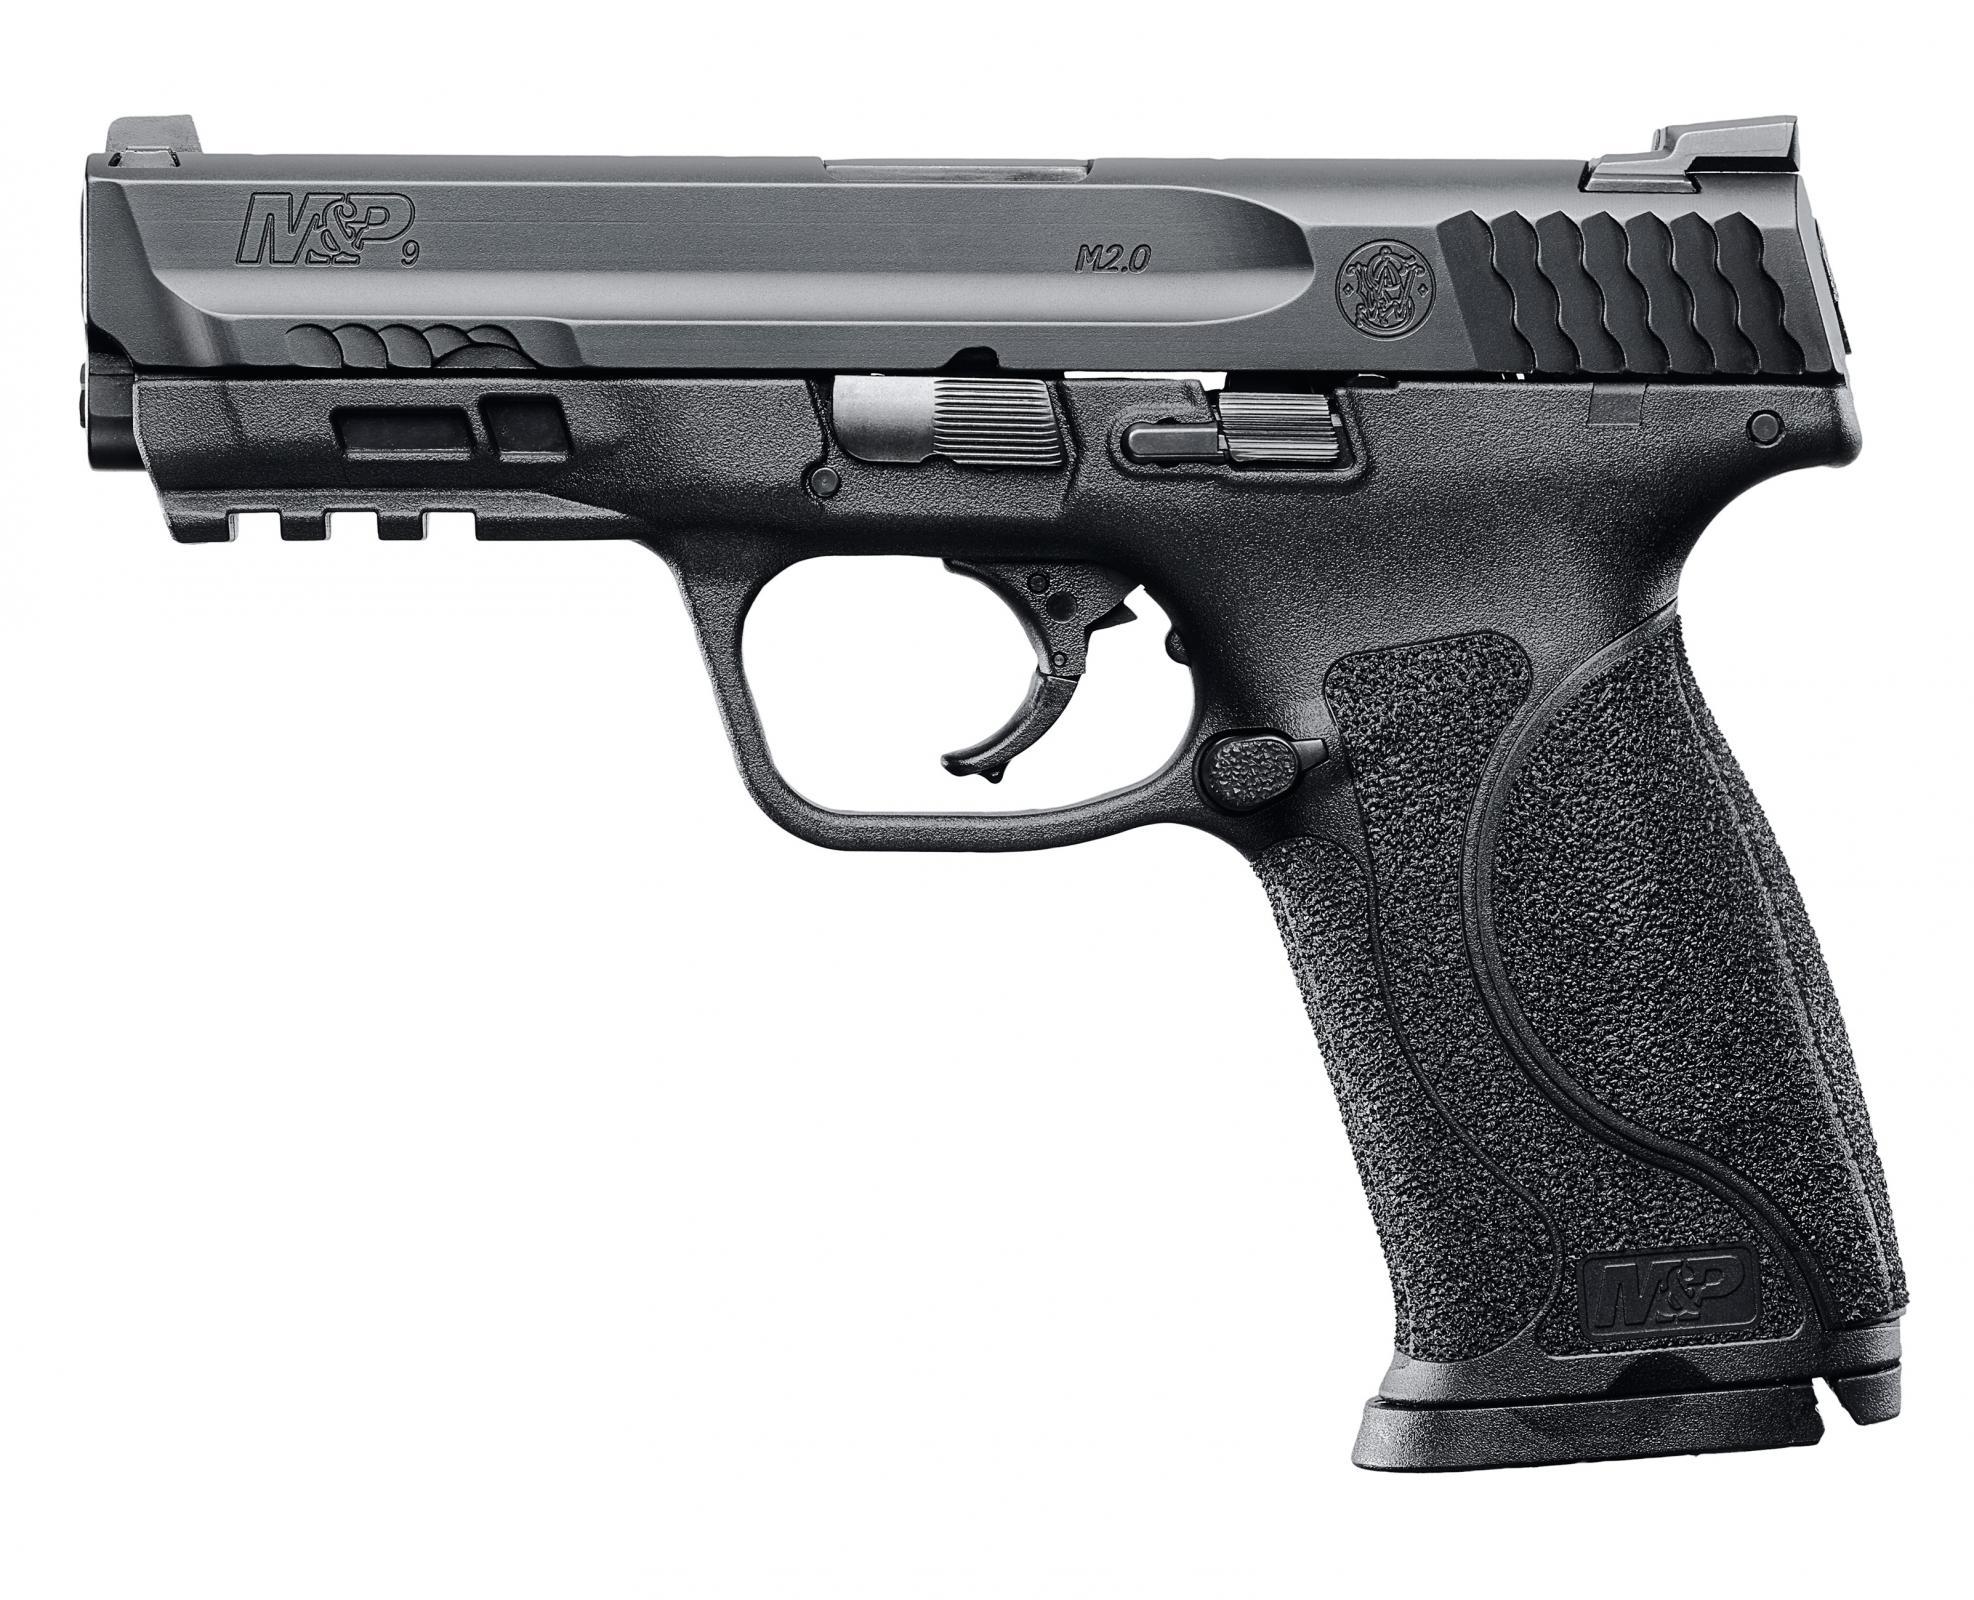 Smith & Wesson M&P9 M2.0 9mm Pistol, Black (11521)